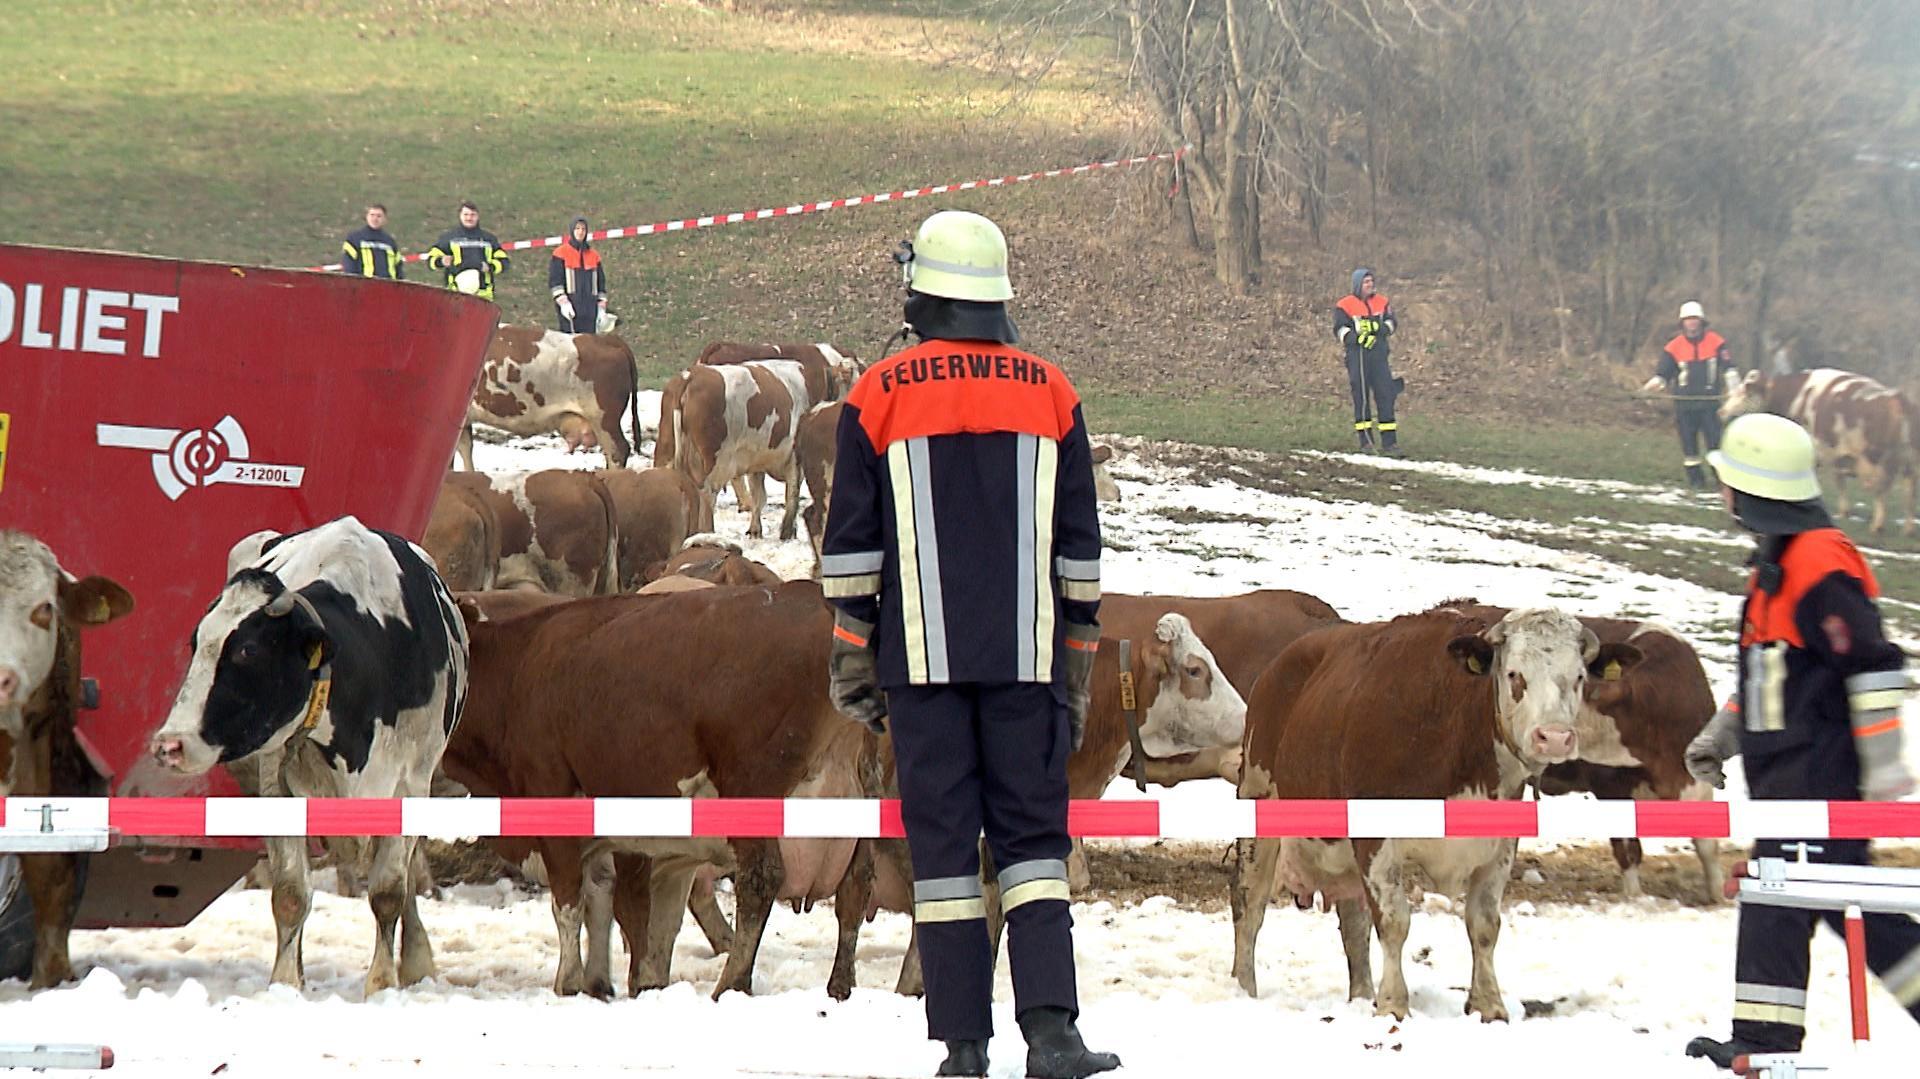 Rund 70 Rinder wurden auf eine Wiese getrieben